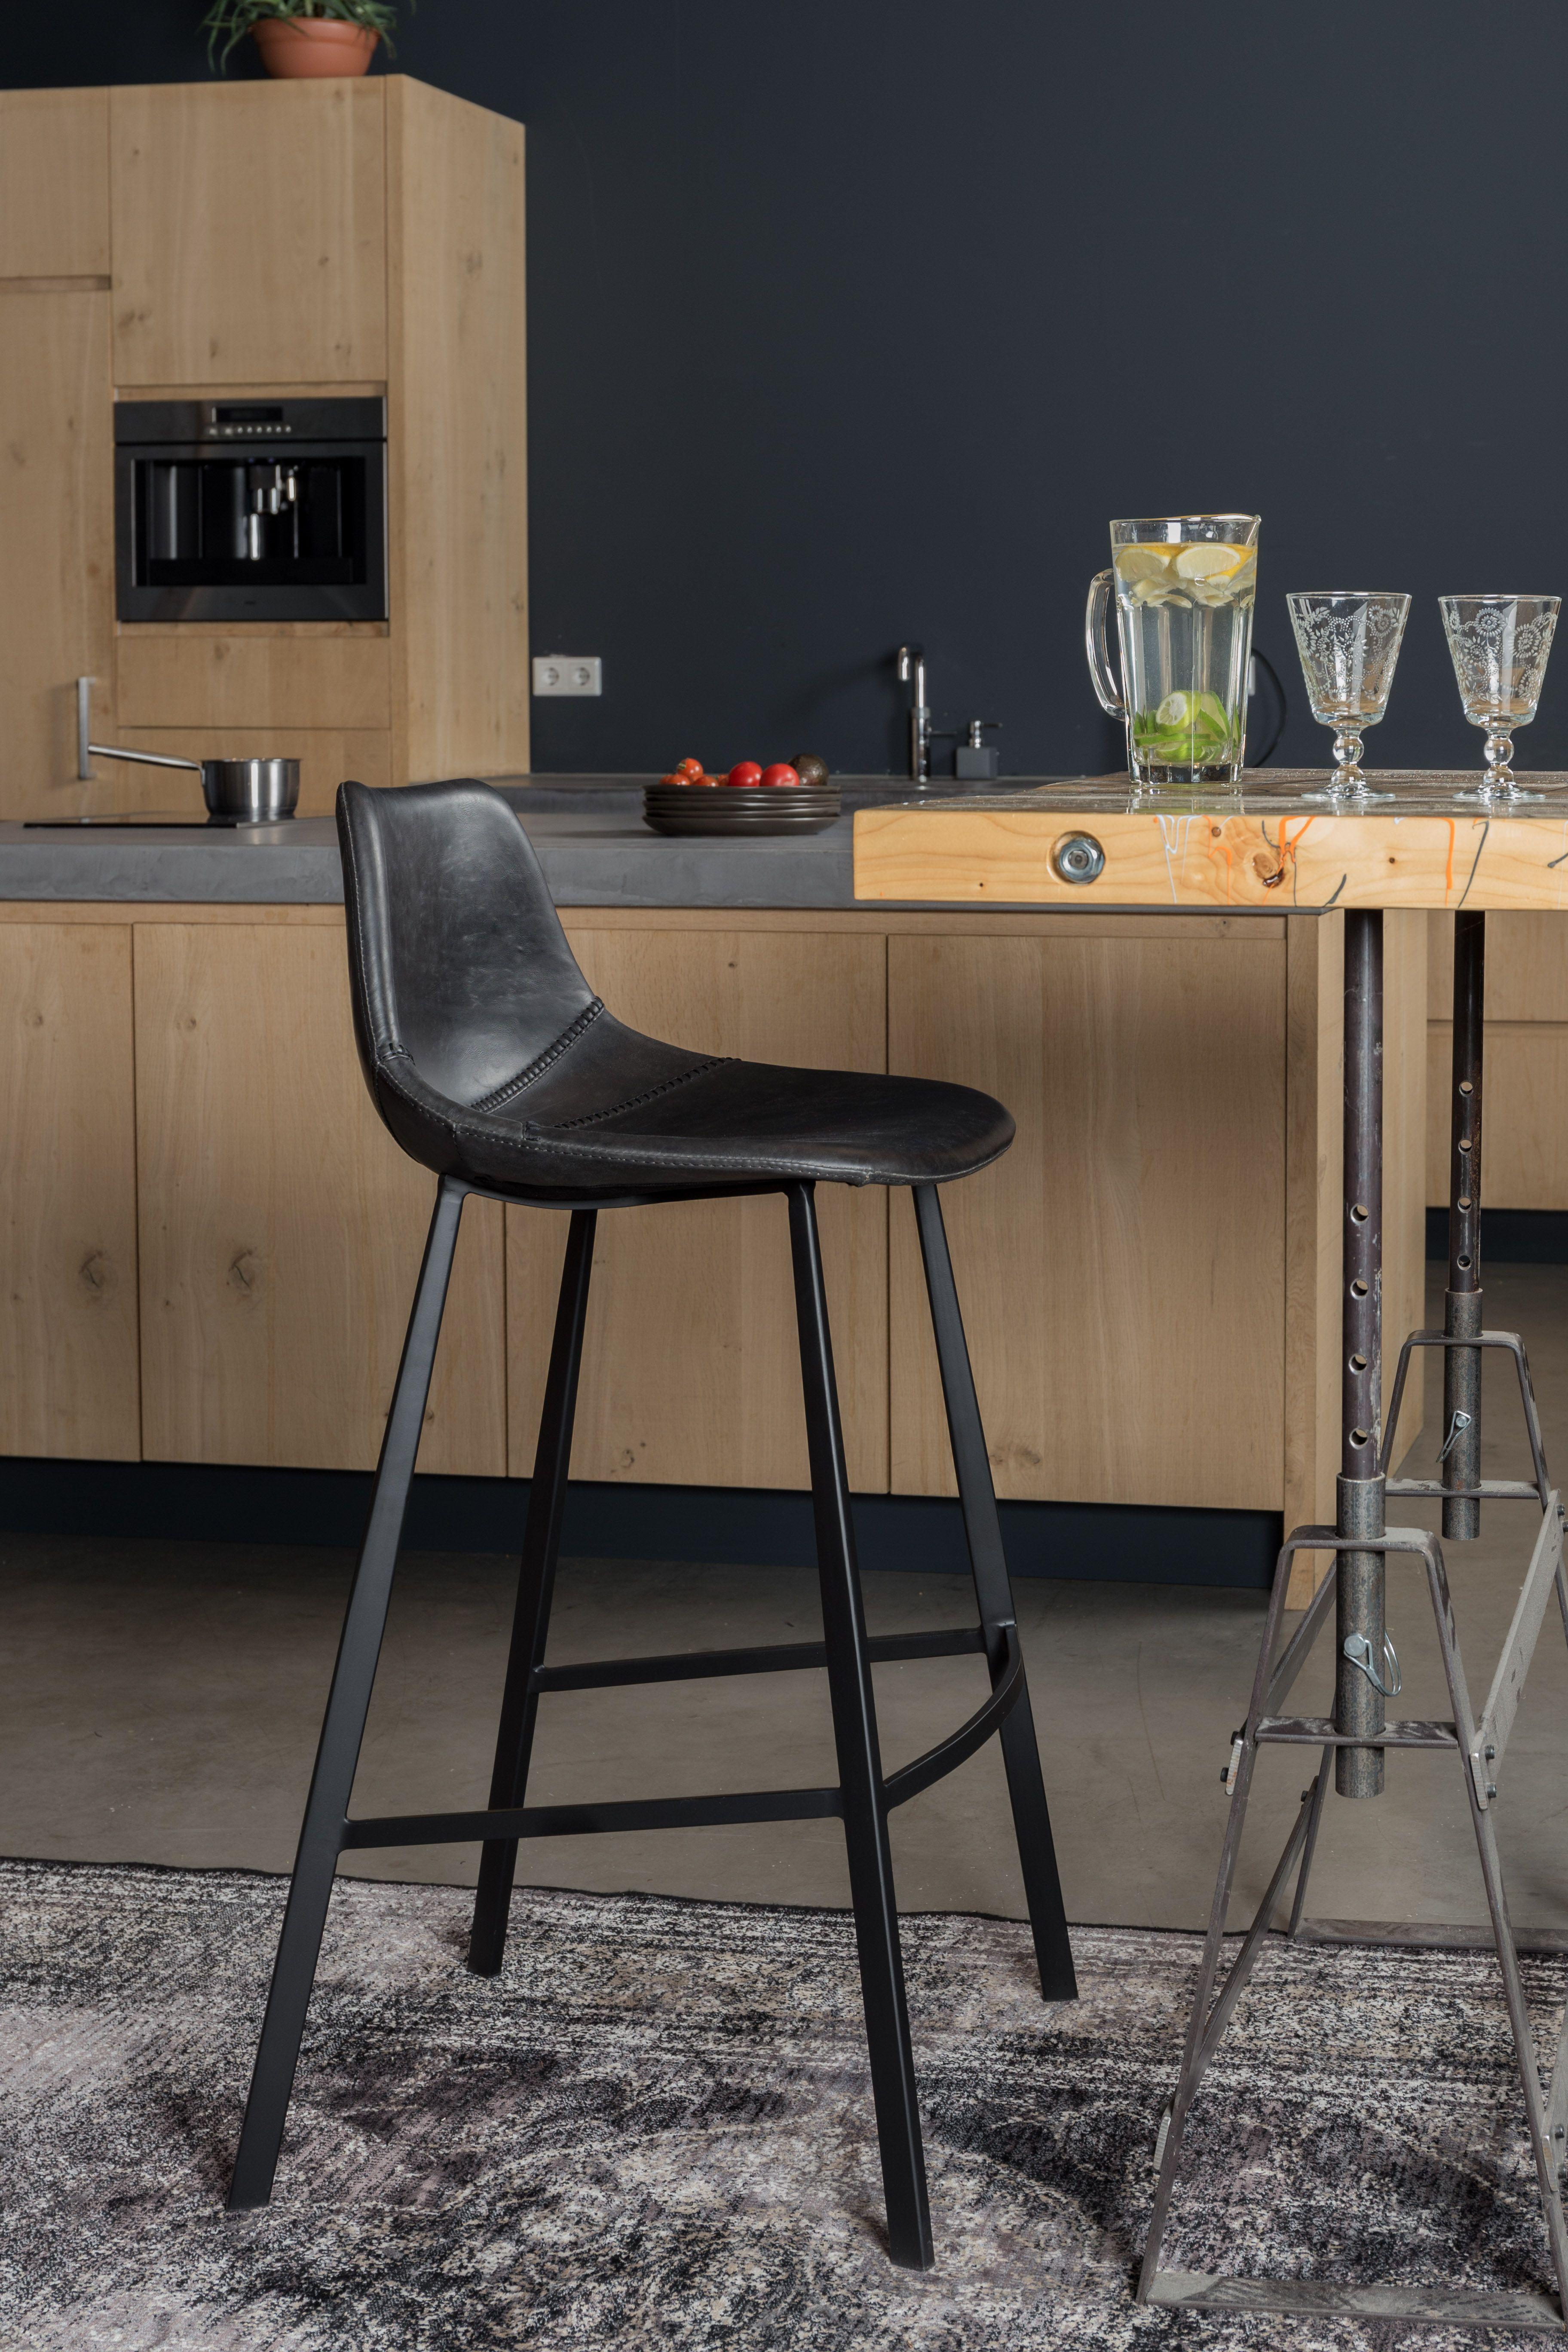 Enkel og elegant sort barstol fra Dutchbone med fodhviler. Franky barstolen er fremstillet i kunstlæder. http://unoliving.com/dutchbone-franky-barstol-sort